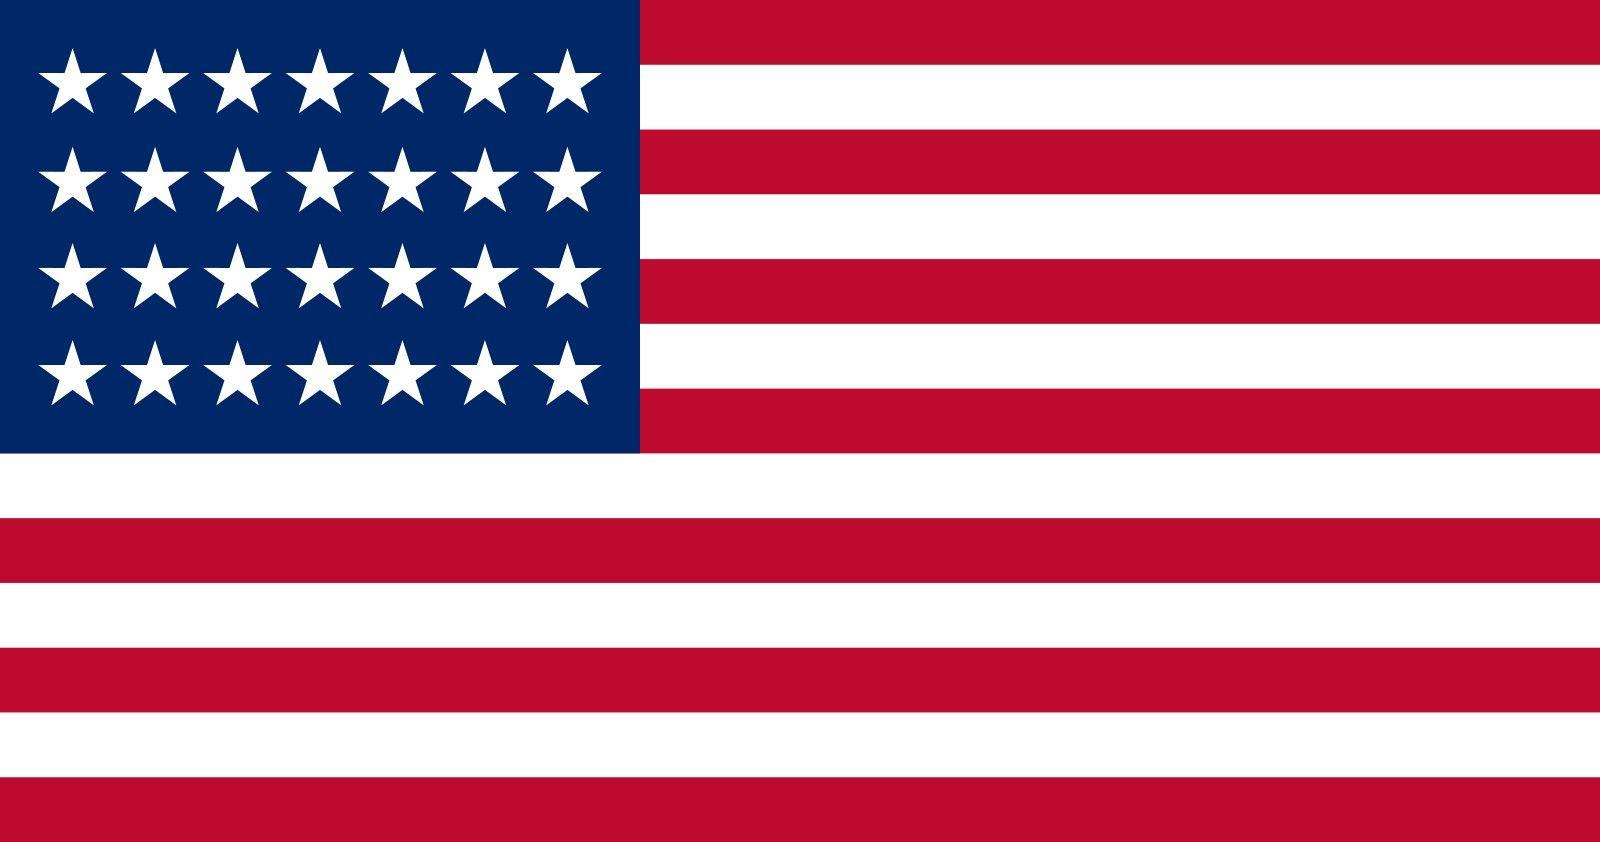 Epingle Par Lefeuvre Francois Sur Vexillologie Flags Drapeaux Banderas En 2020 Drapeau